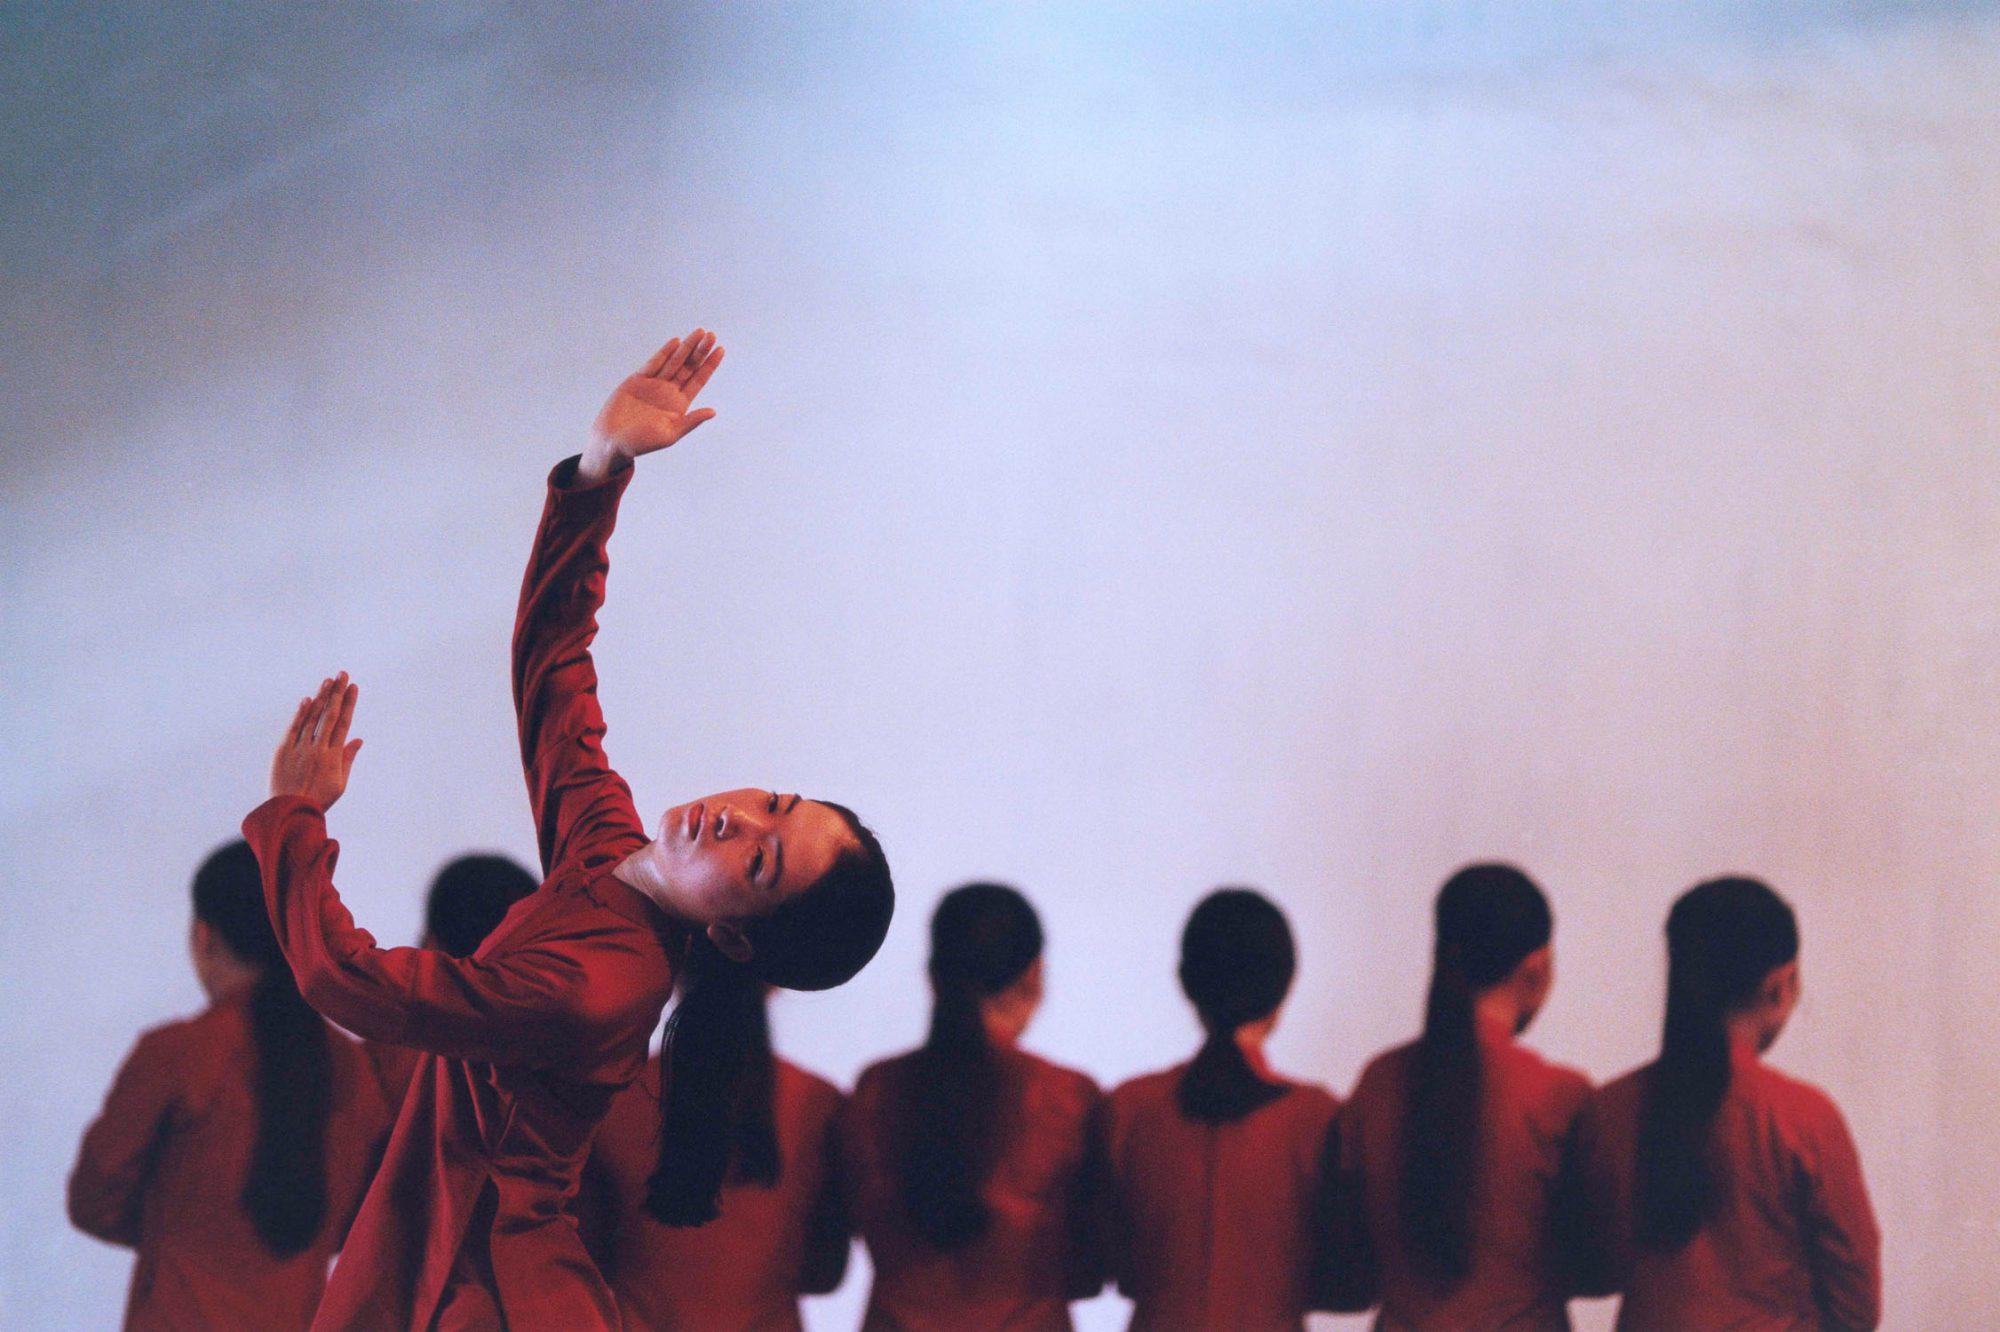 World Press Photo 1998 - Dance Compagnie beim Tanz in Ho-Chi-Minh-Stadt in Vietnam